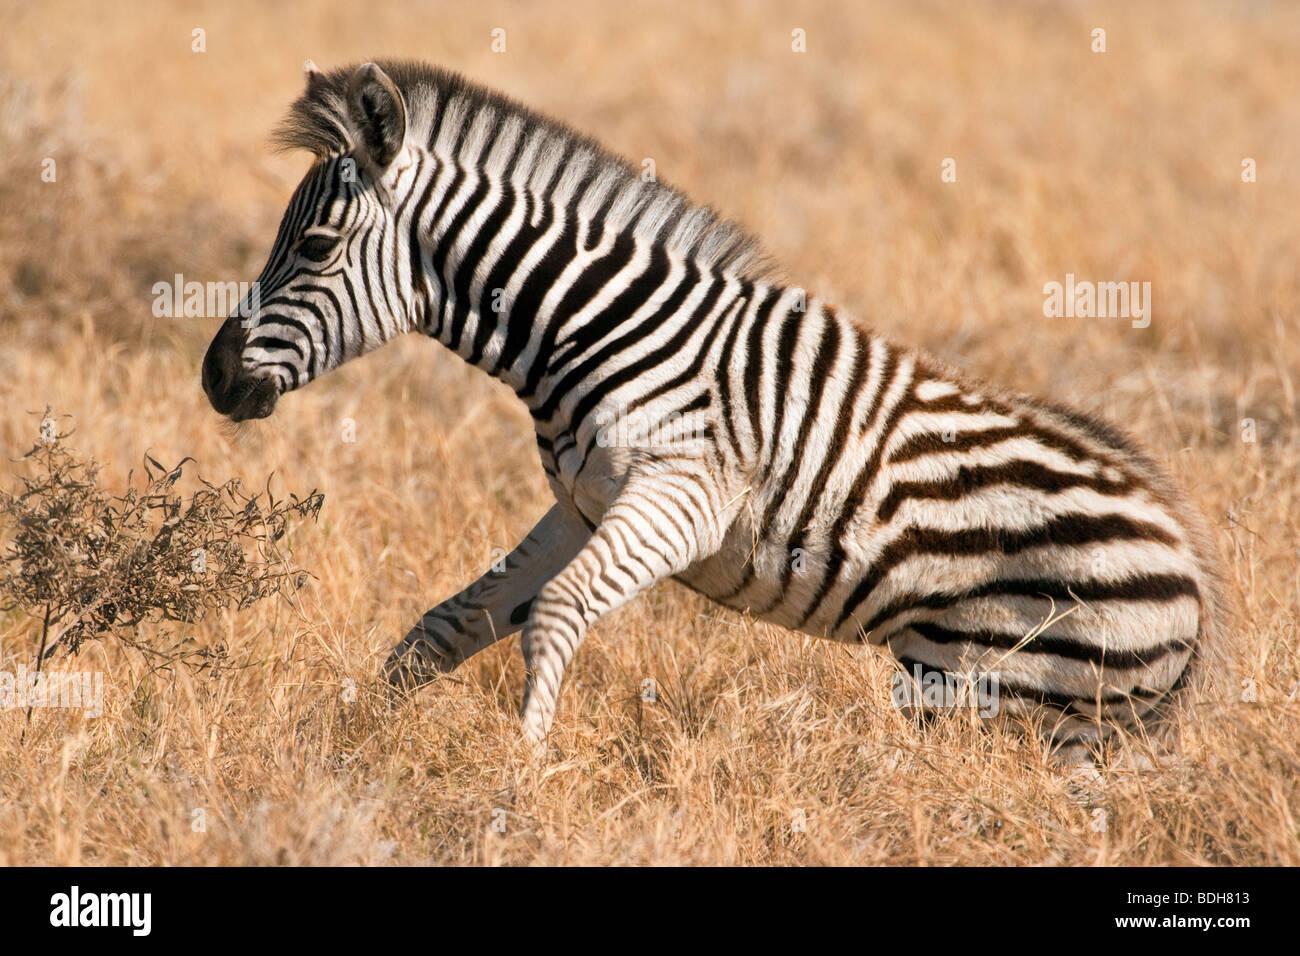 Bebé potro de cebra de pie en la hierba alta sabana en luz cálida en Botswana, África Foto de stock